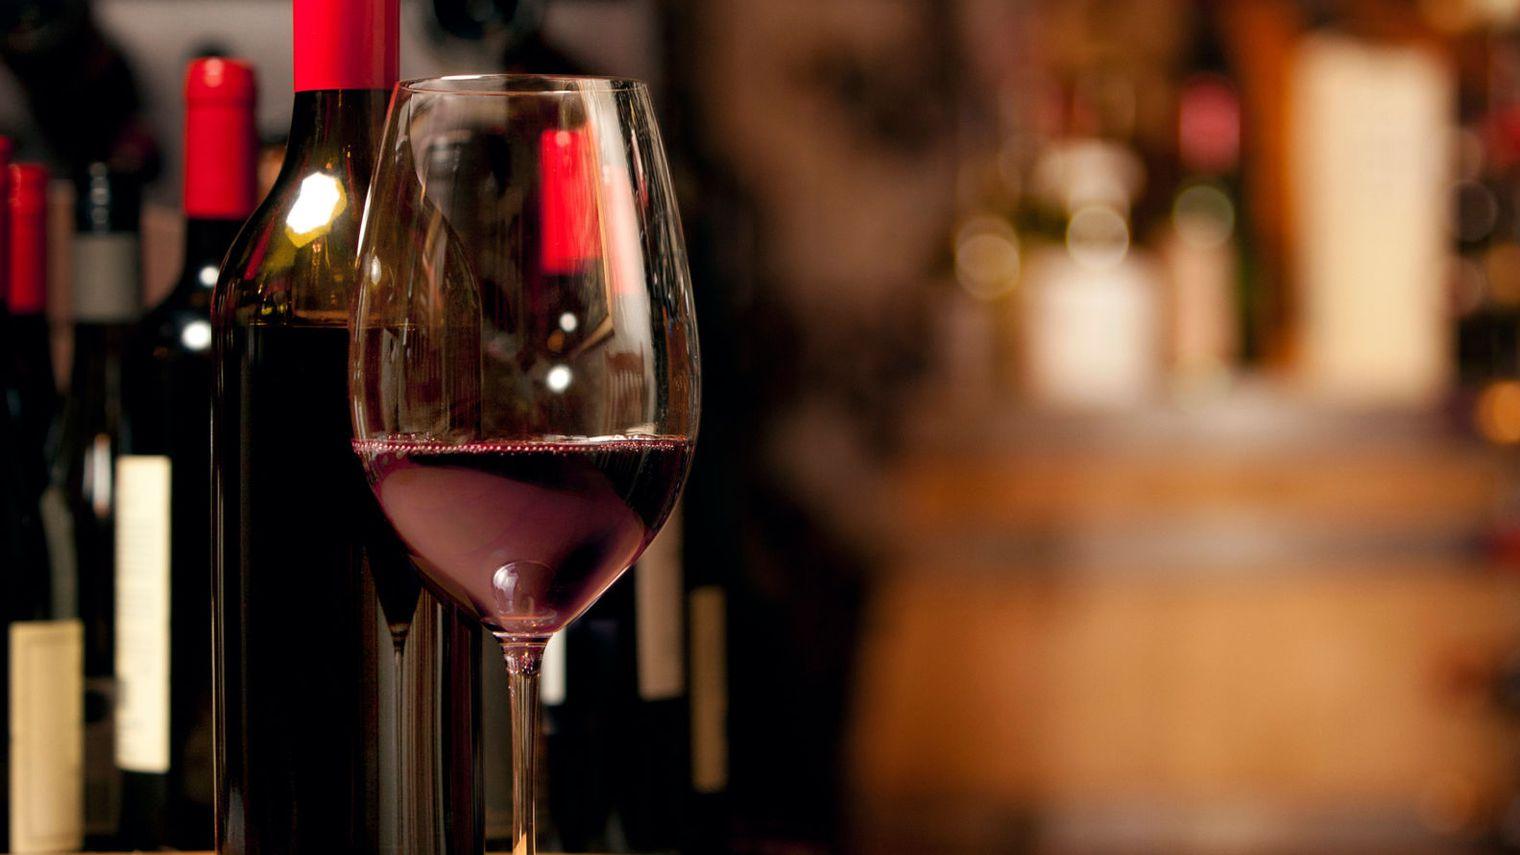 Cave à vin : Tout ce qu'il faut savoir avant d'investir dans une cave à vin pour les particuliers